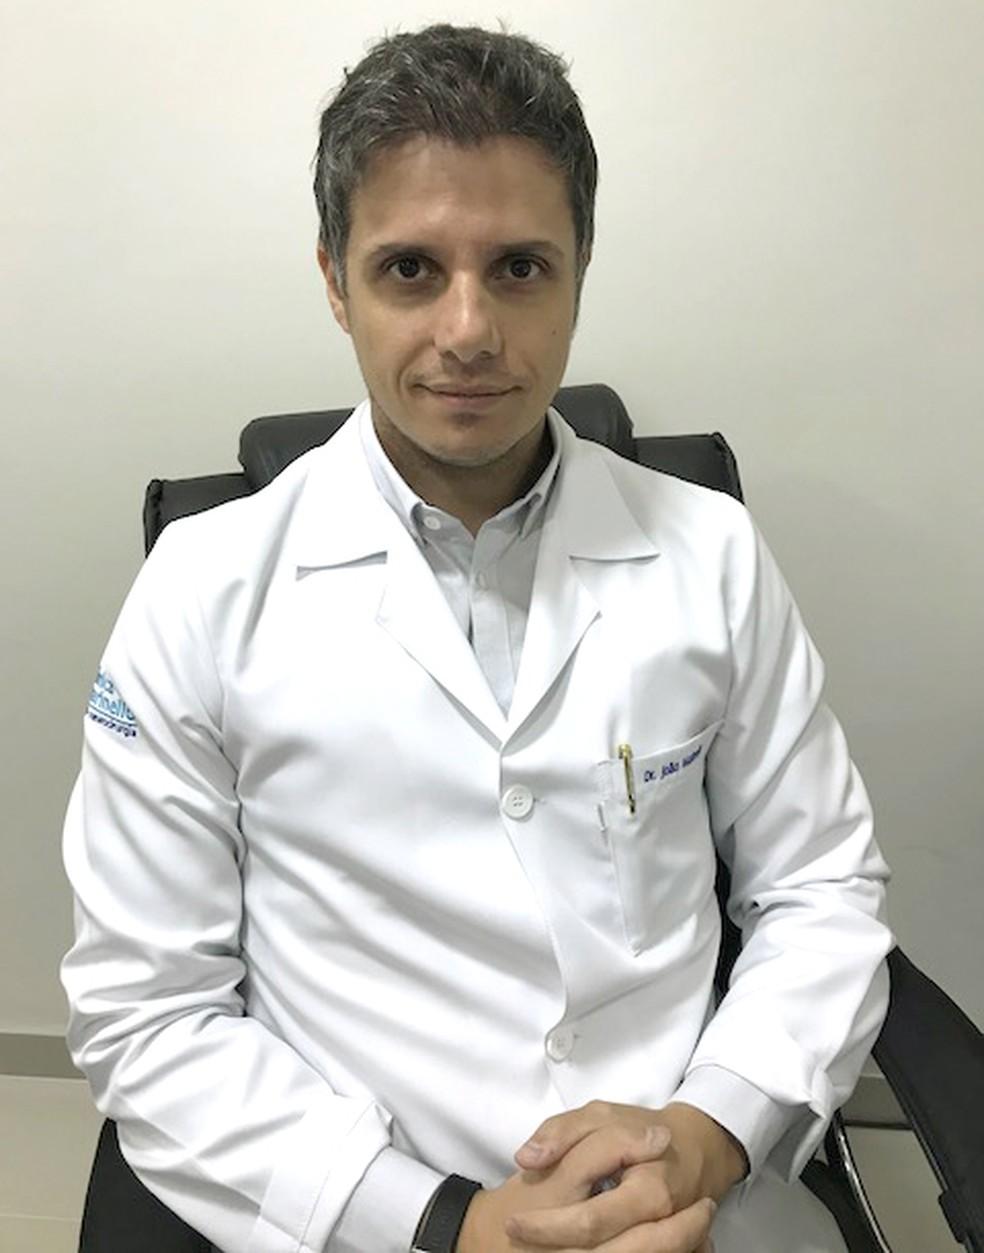 O neurologista, Dr. João Luiz, destaca a importância de praticar esportes independente da condição física (Foto: João Luiz Parra Marinello)